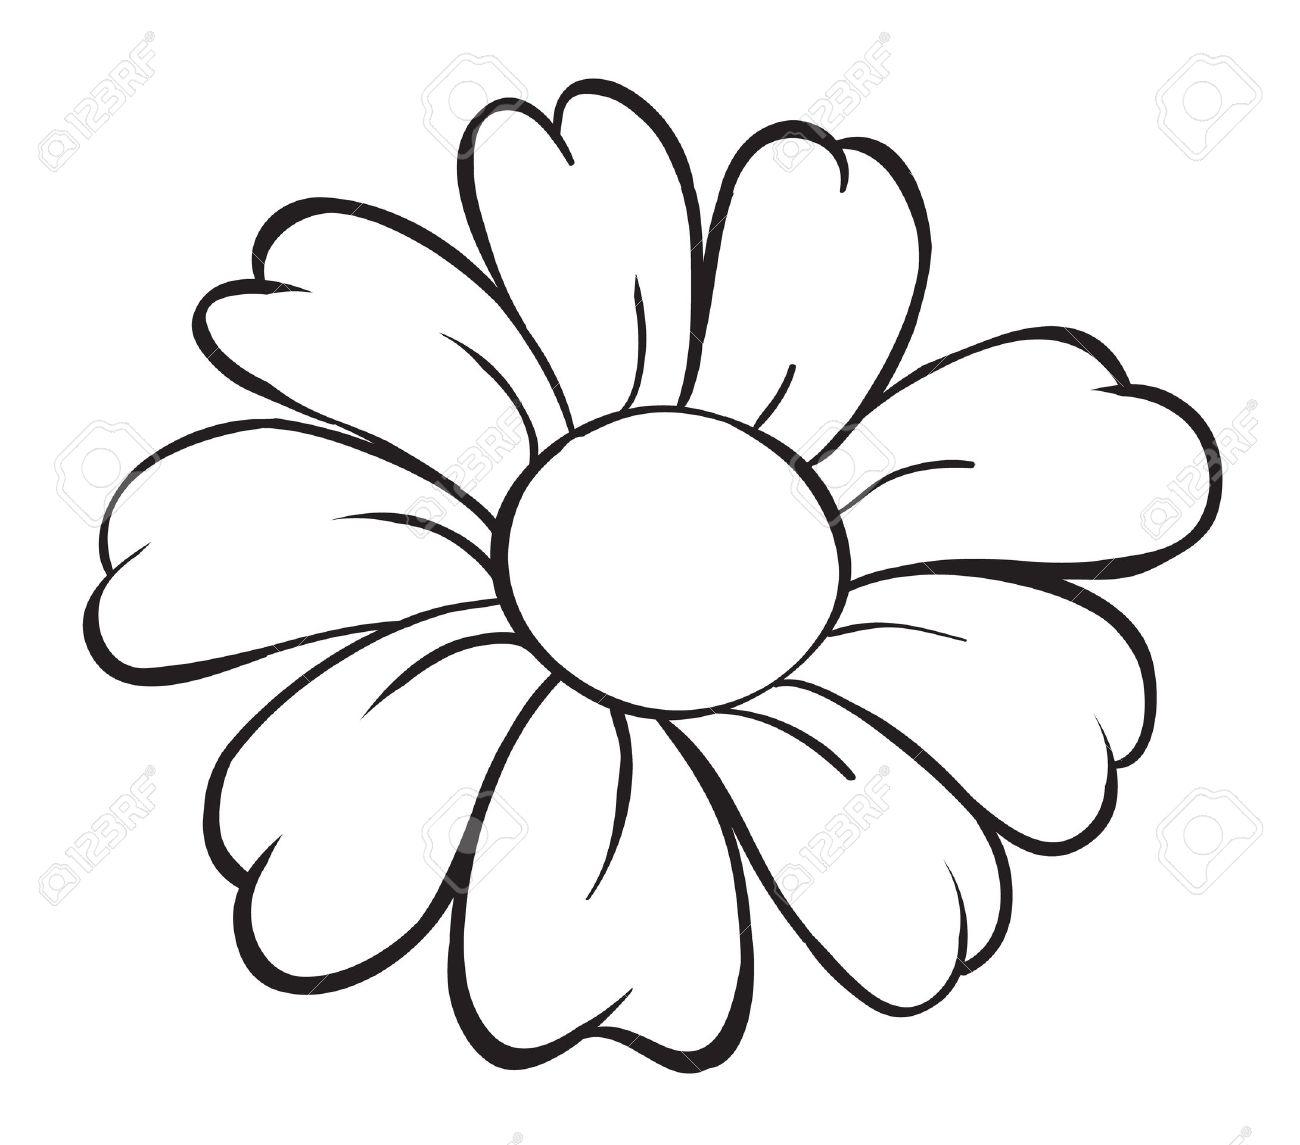 1300x1145 Easy Drawings Of Flowers